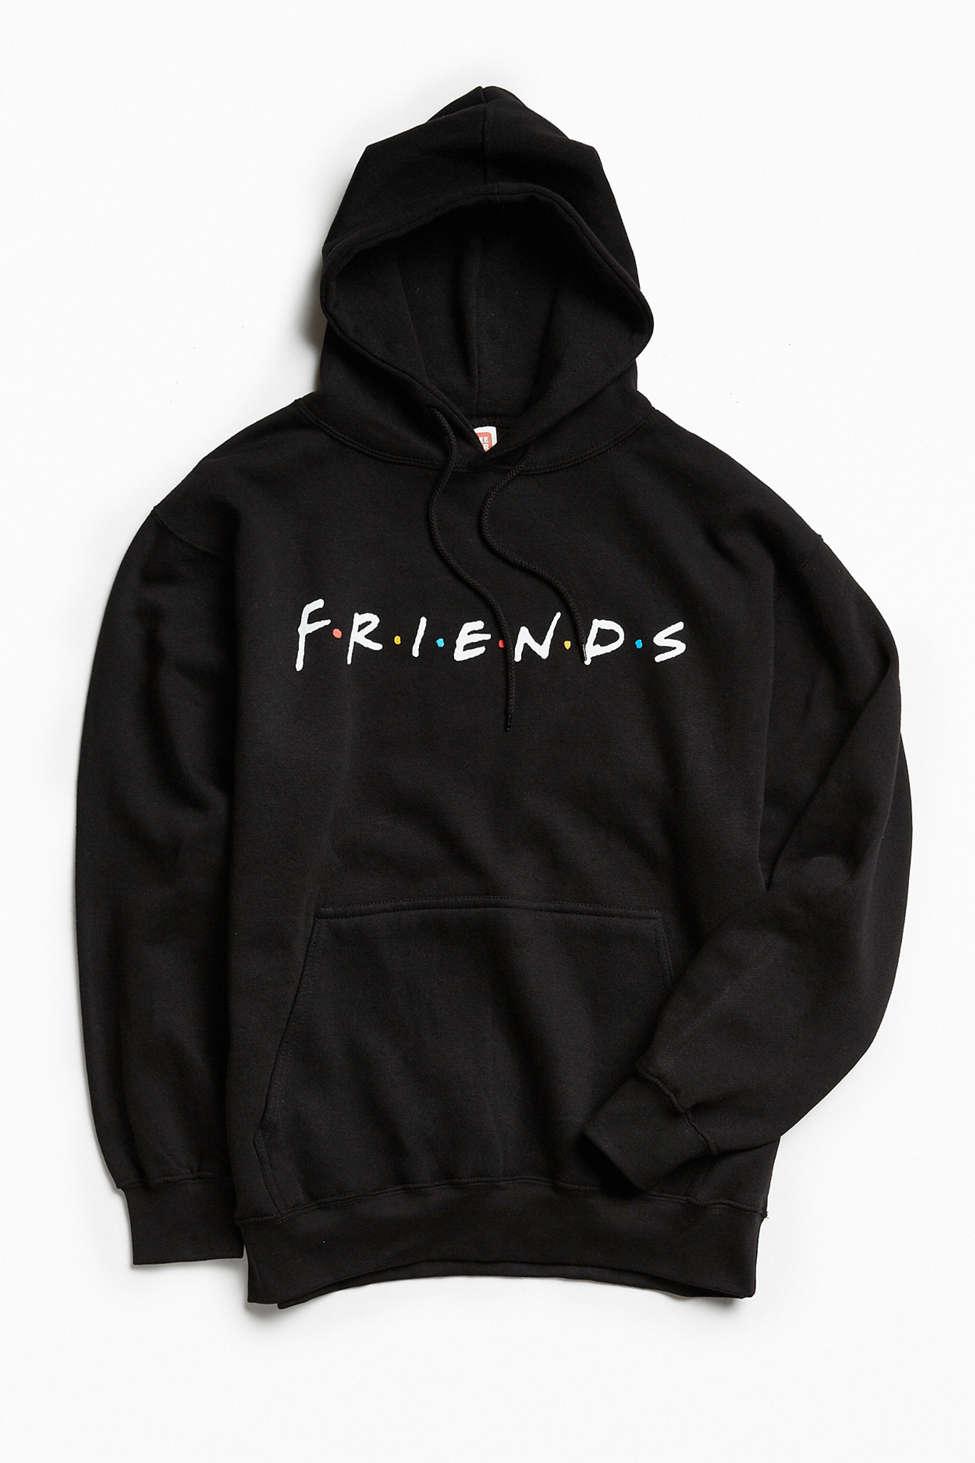 Friends Hoodie Sweatshirt Urban Outfitters